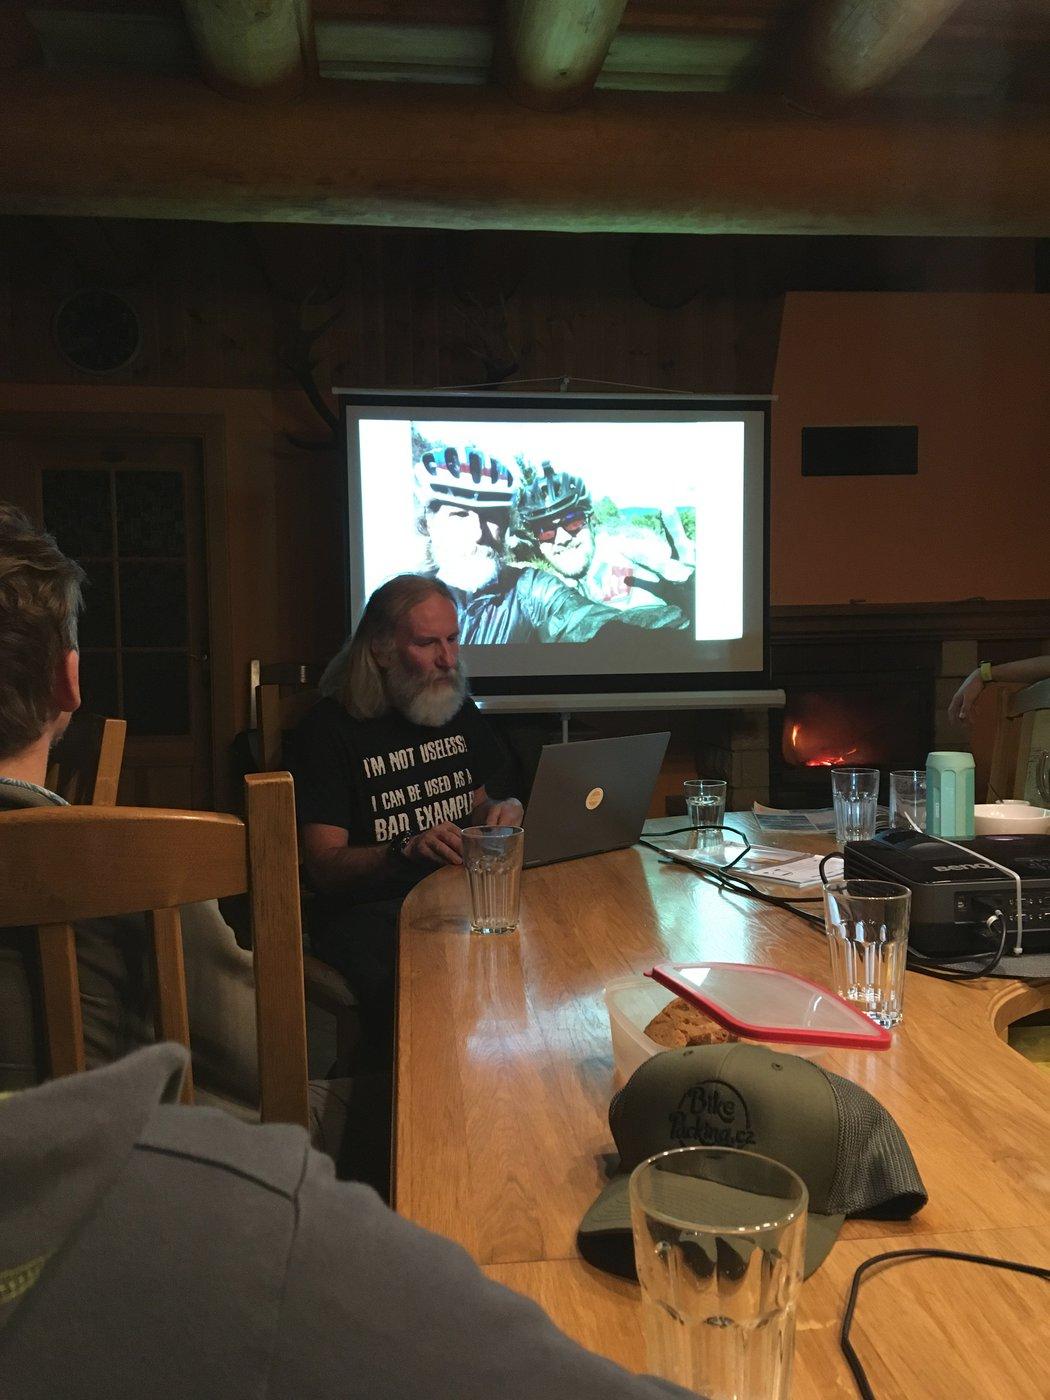 večerní promítání a povídání o tom, jak přejet Nový Zéland na kole ze severu na jih za 20 dní